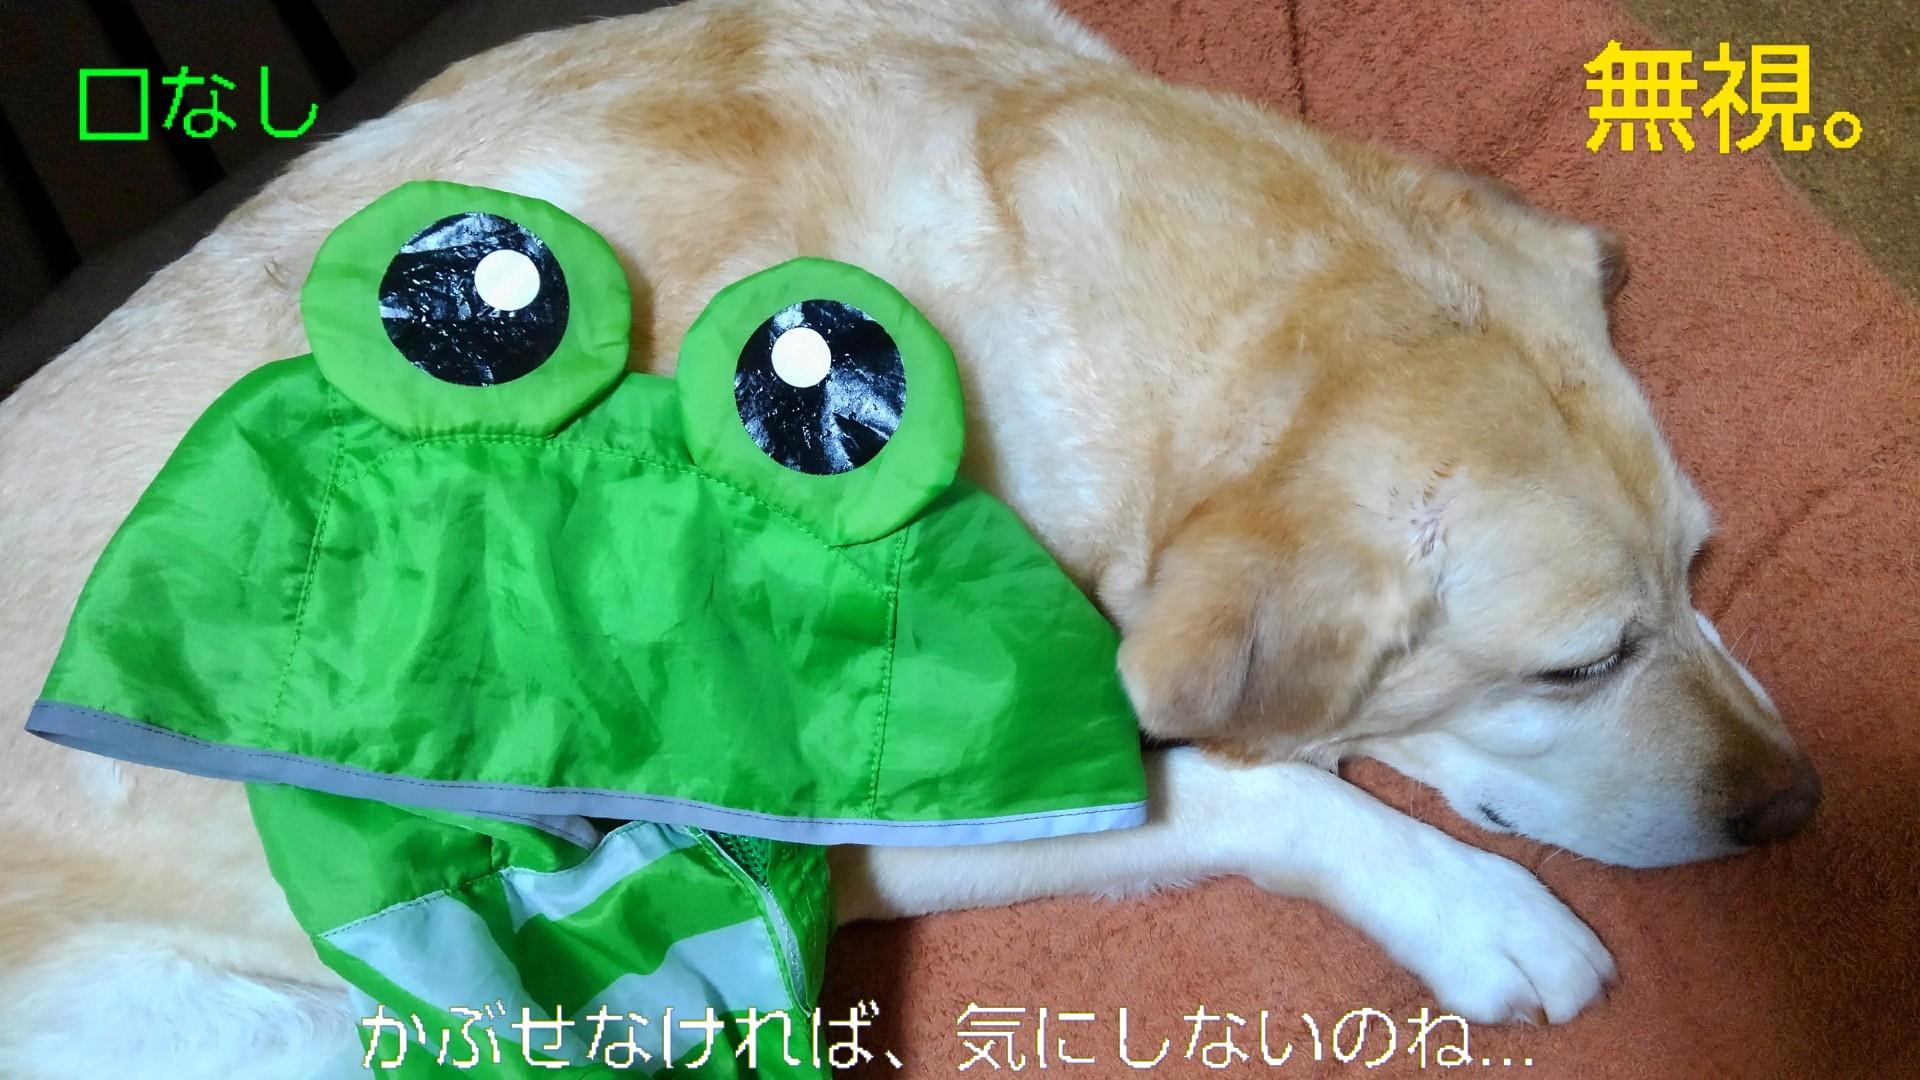 メリーのカッパのカエルの口がぁ~!_b0339522_21223712.jpg